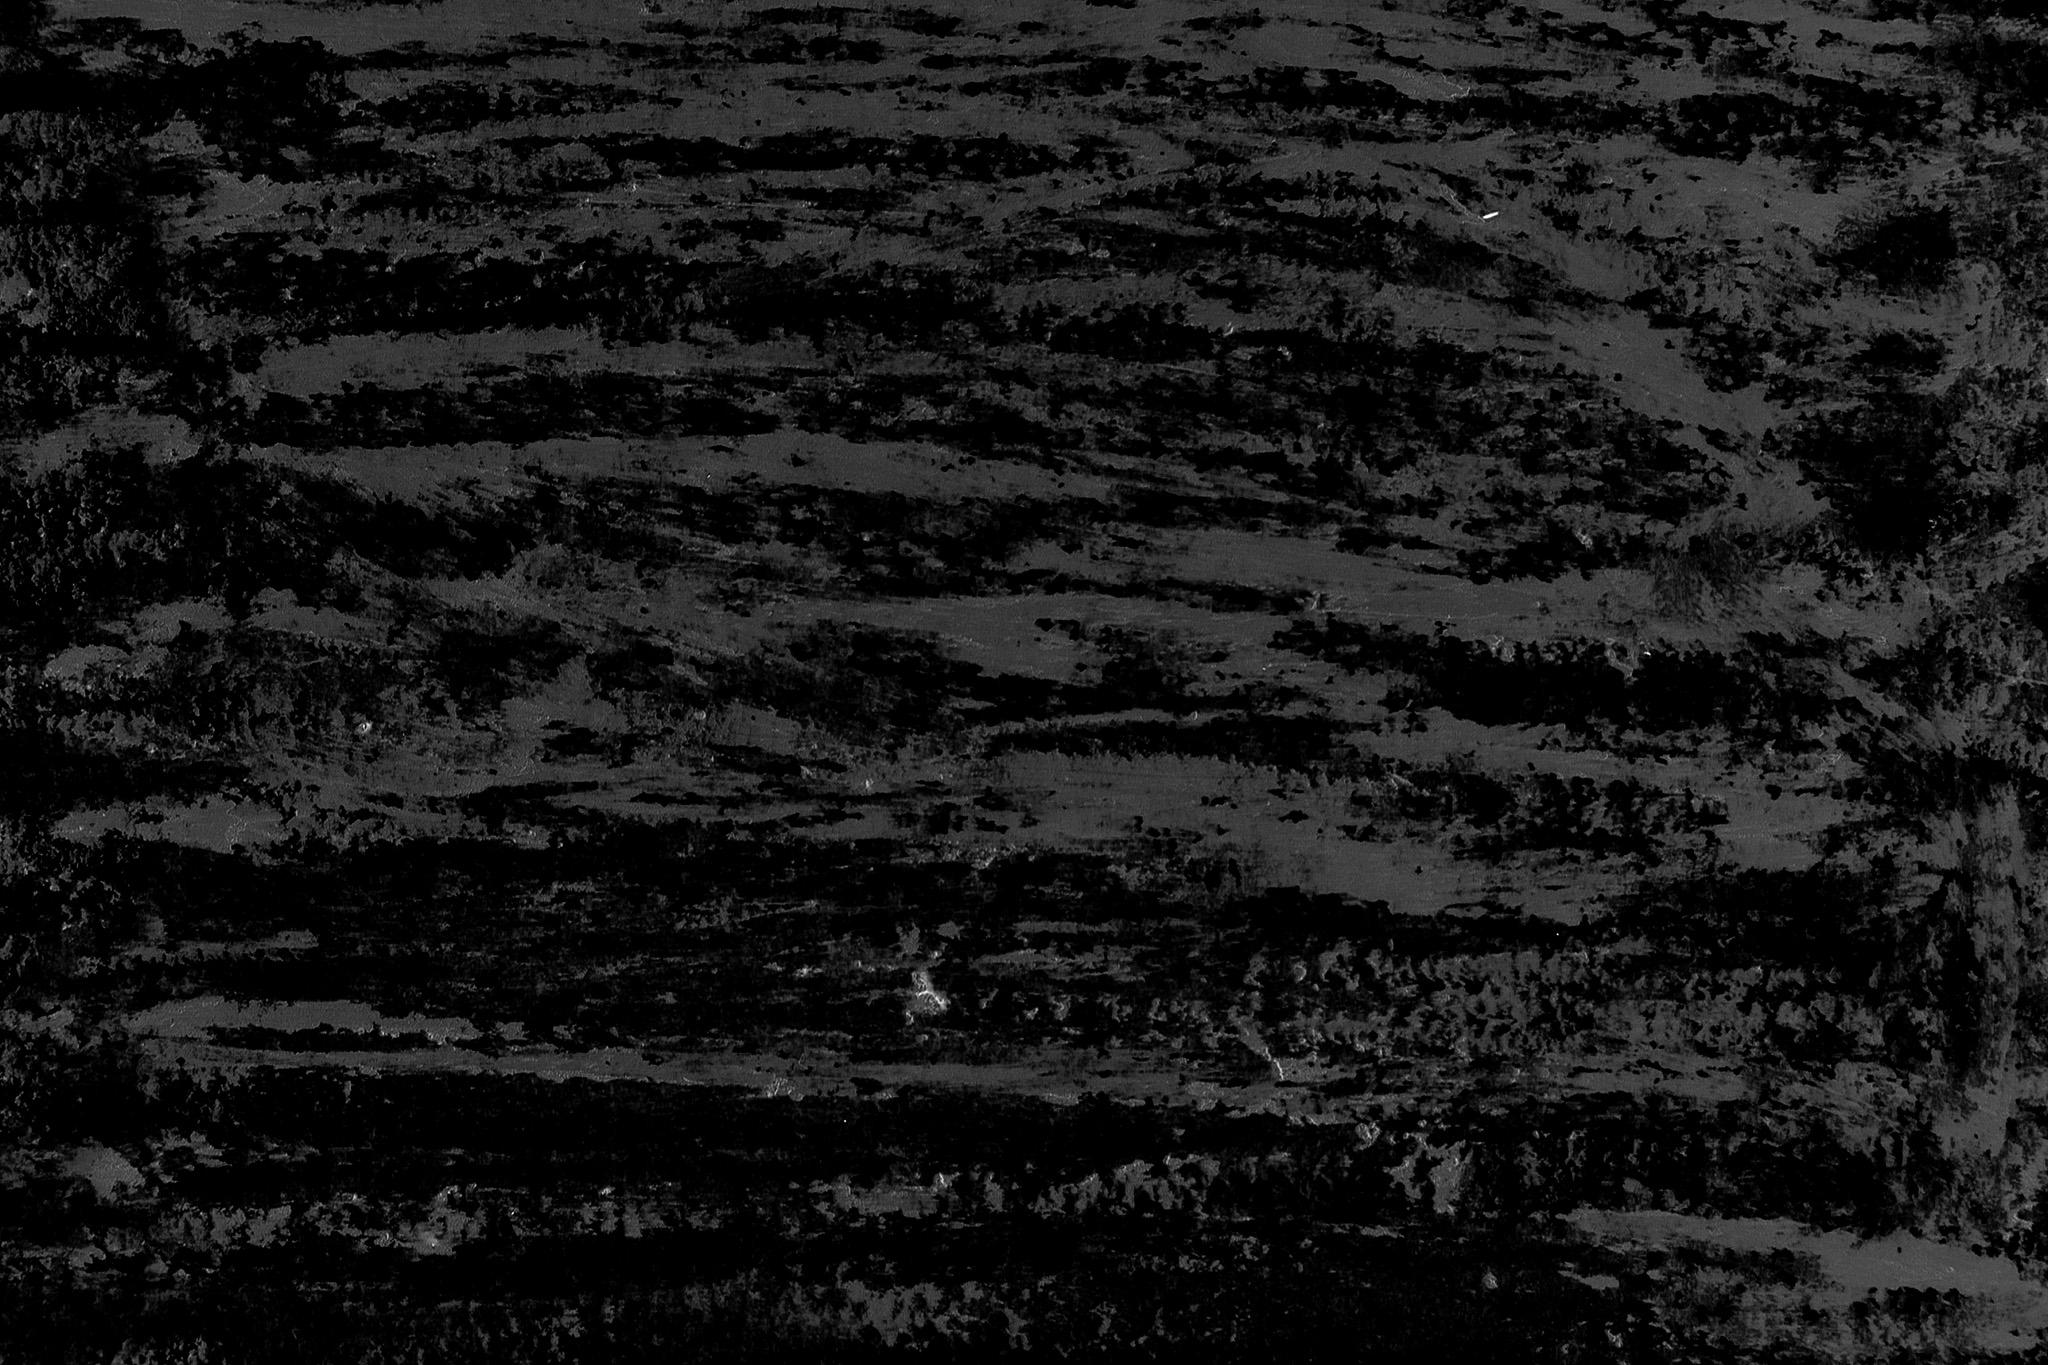 「黒いクレヨンで塗りつぶした背景」